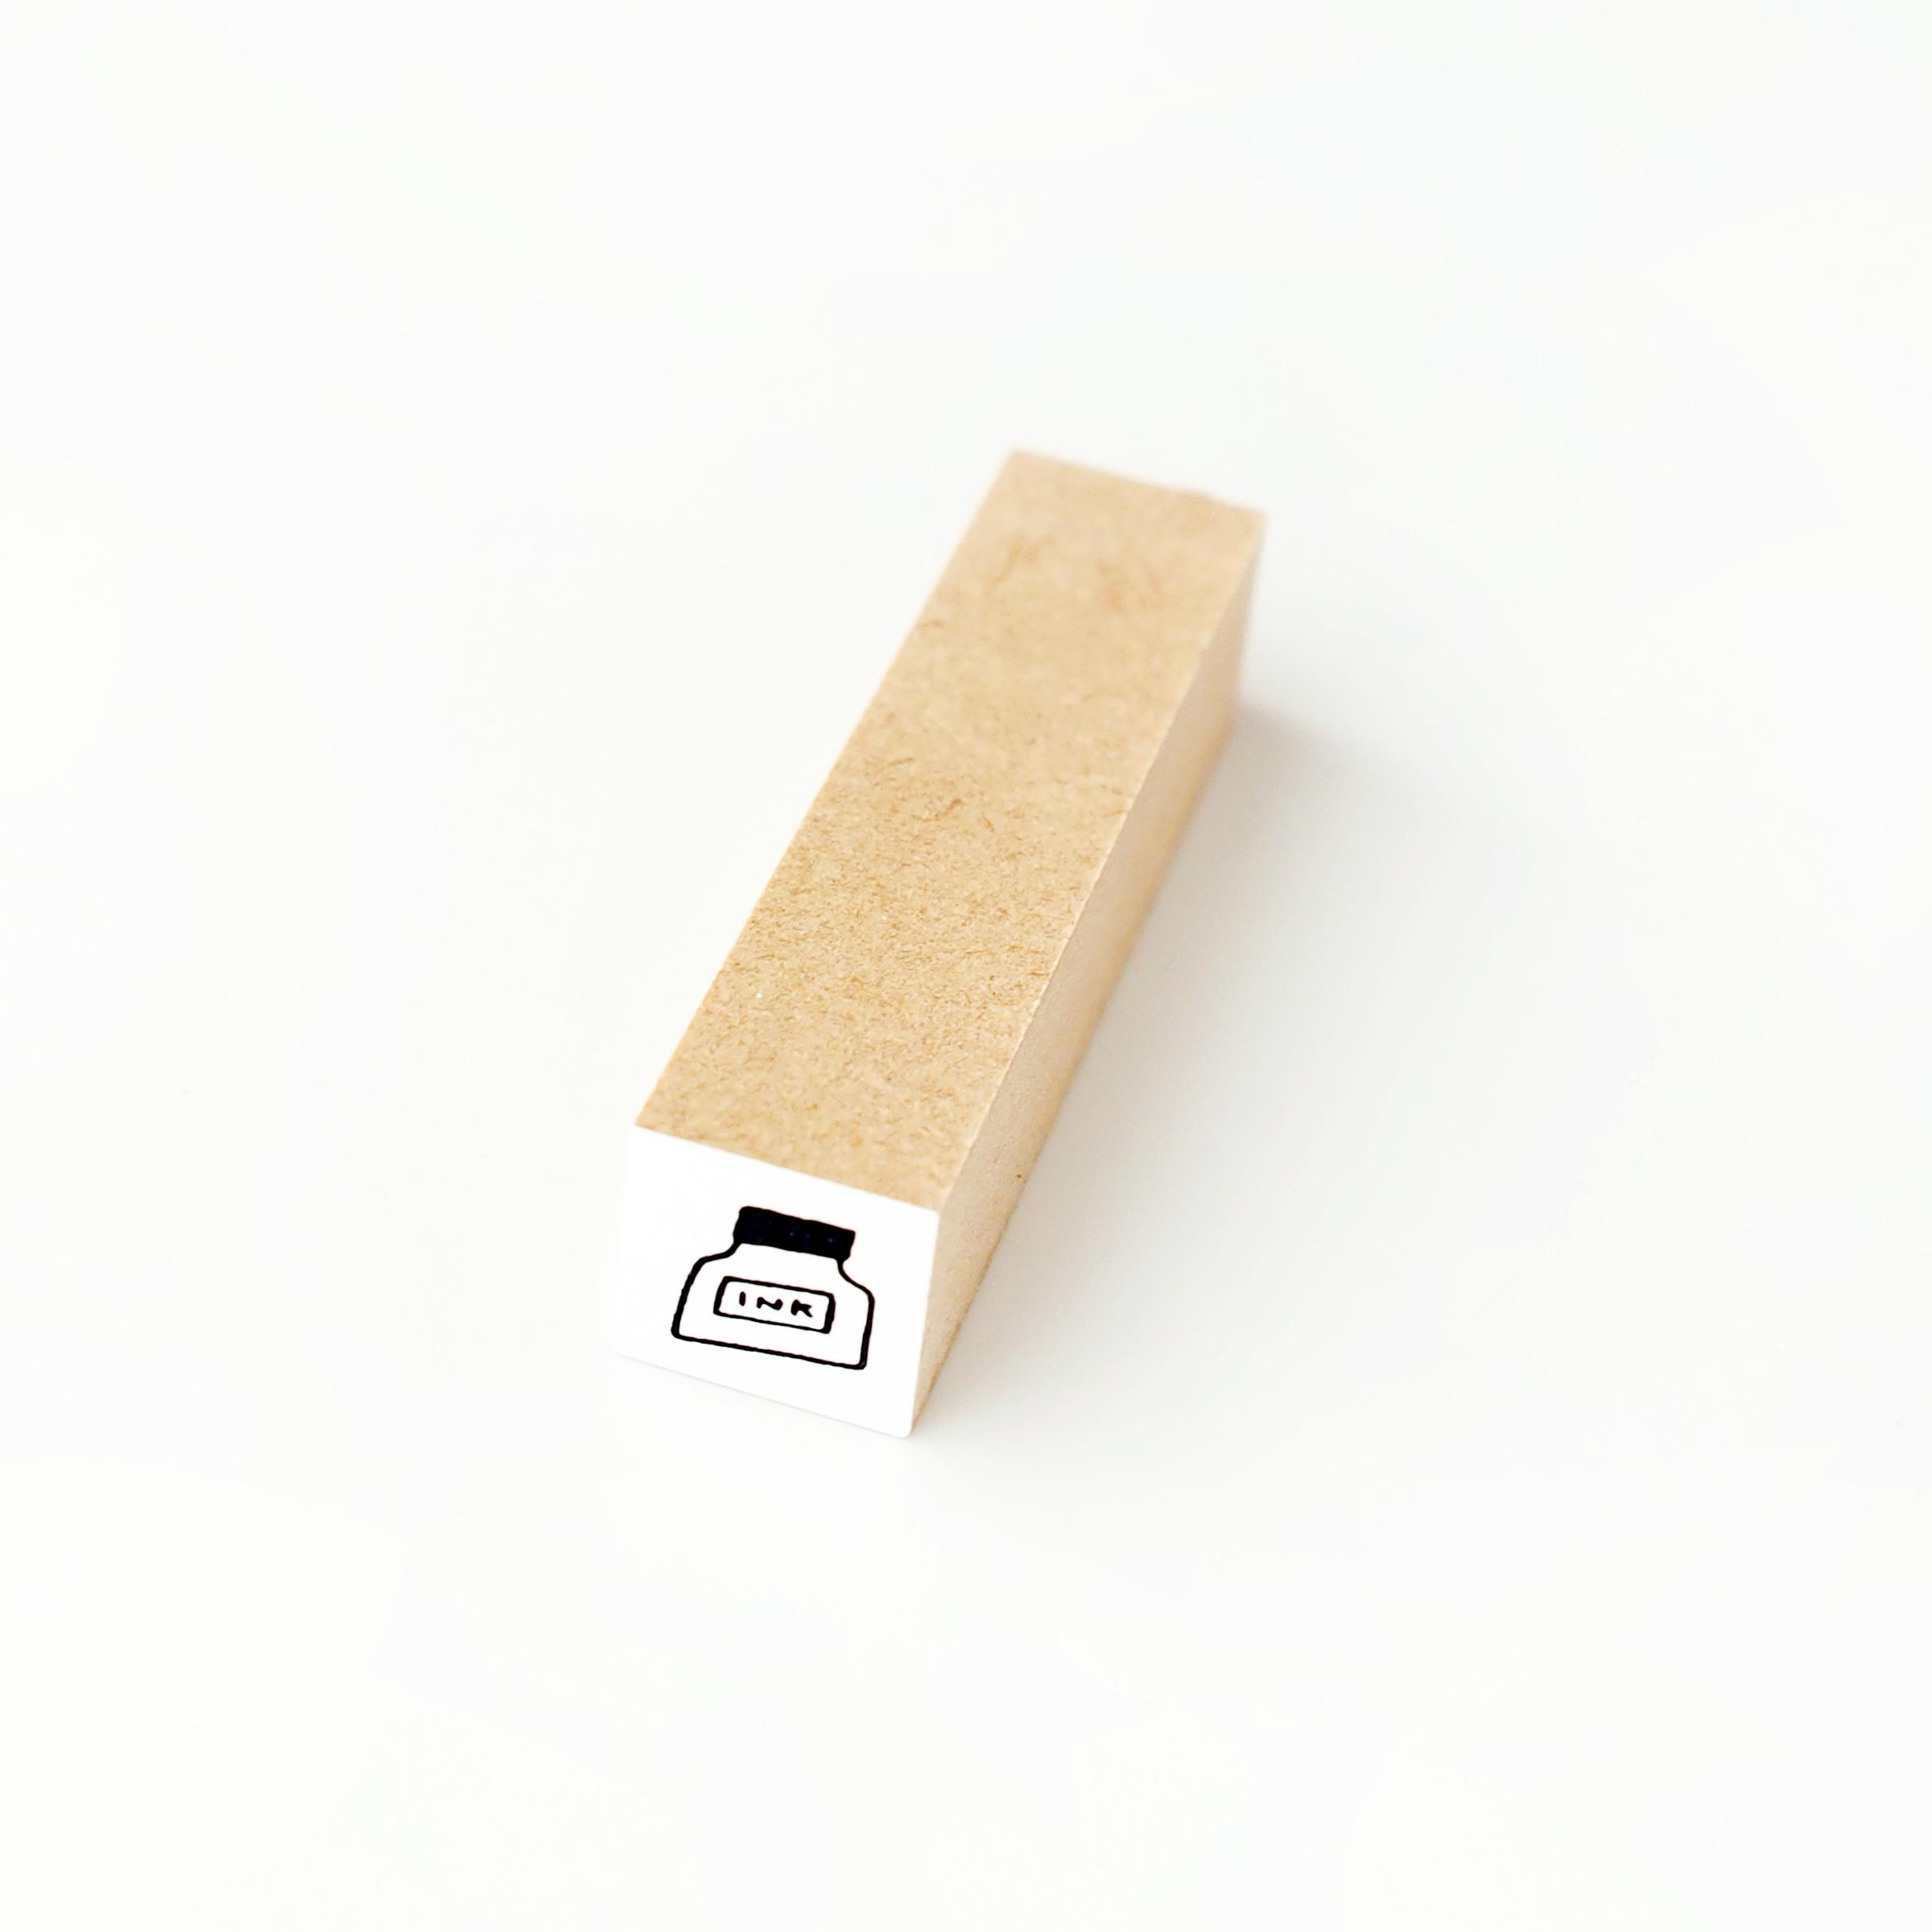 3月発売予定【XS】POCONUR STAMP(ポコヌルスタンプ)|インク瓶